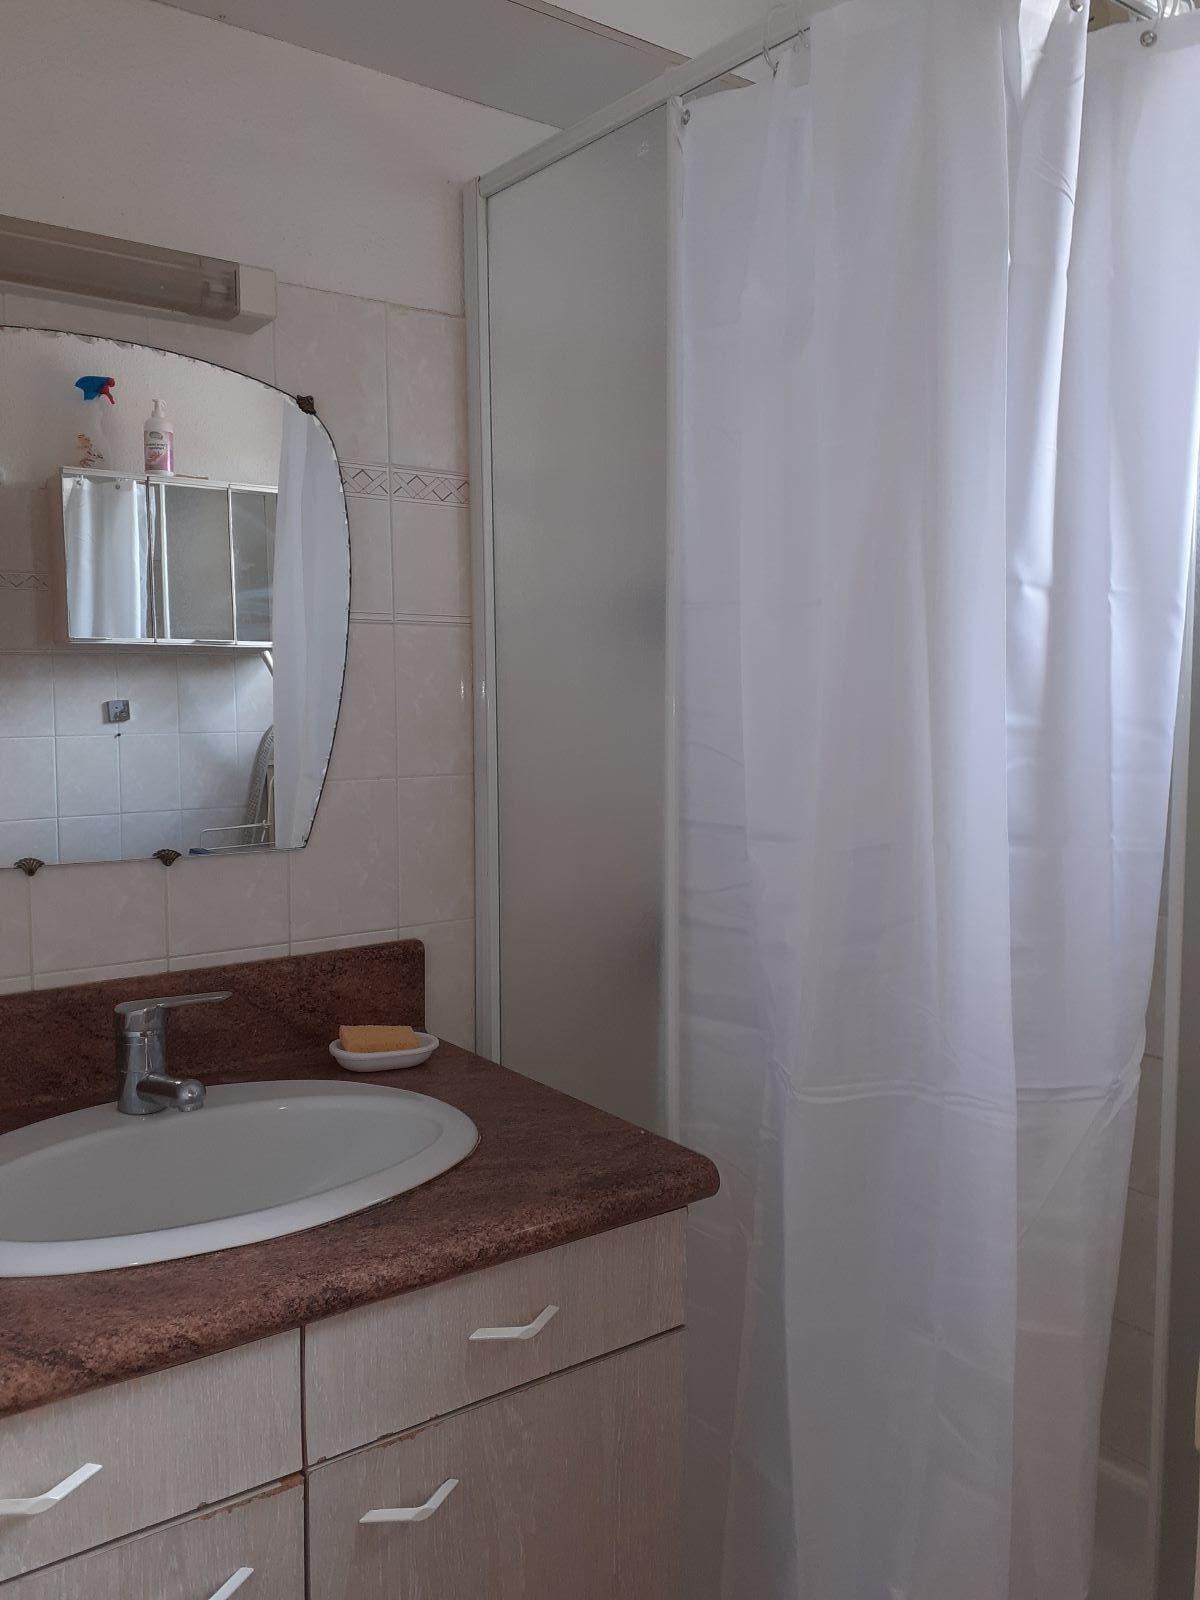 20200713 144909 - ANCELLE T3 MEZZANINE DE 52 m² (6 COUCHAGES)